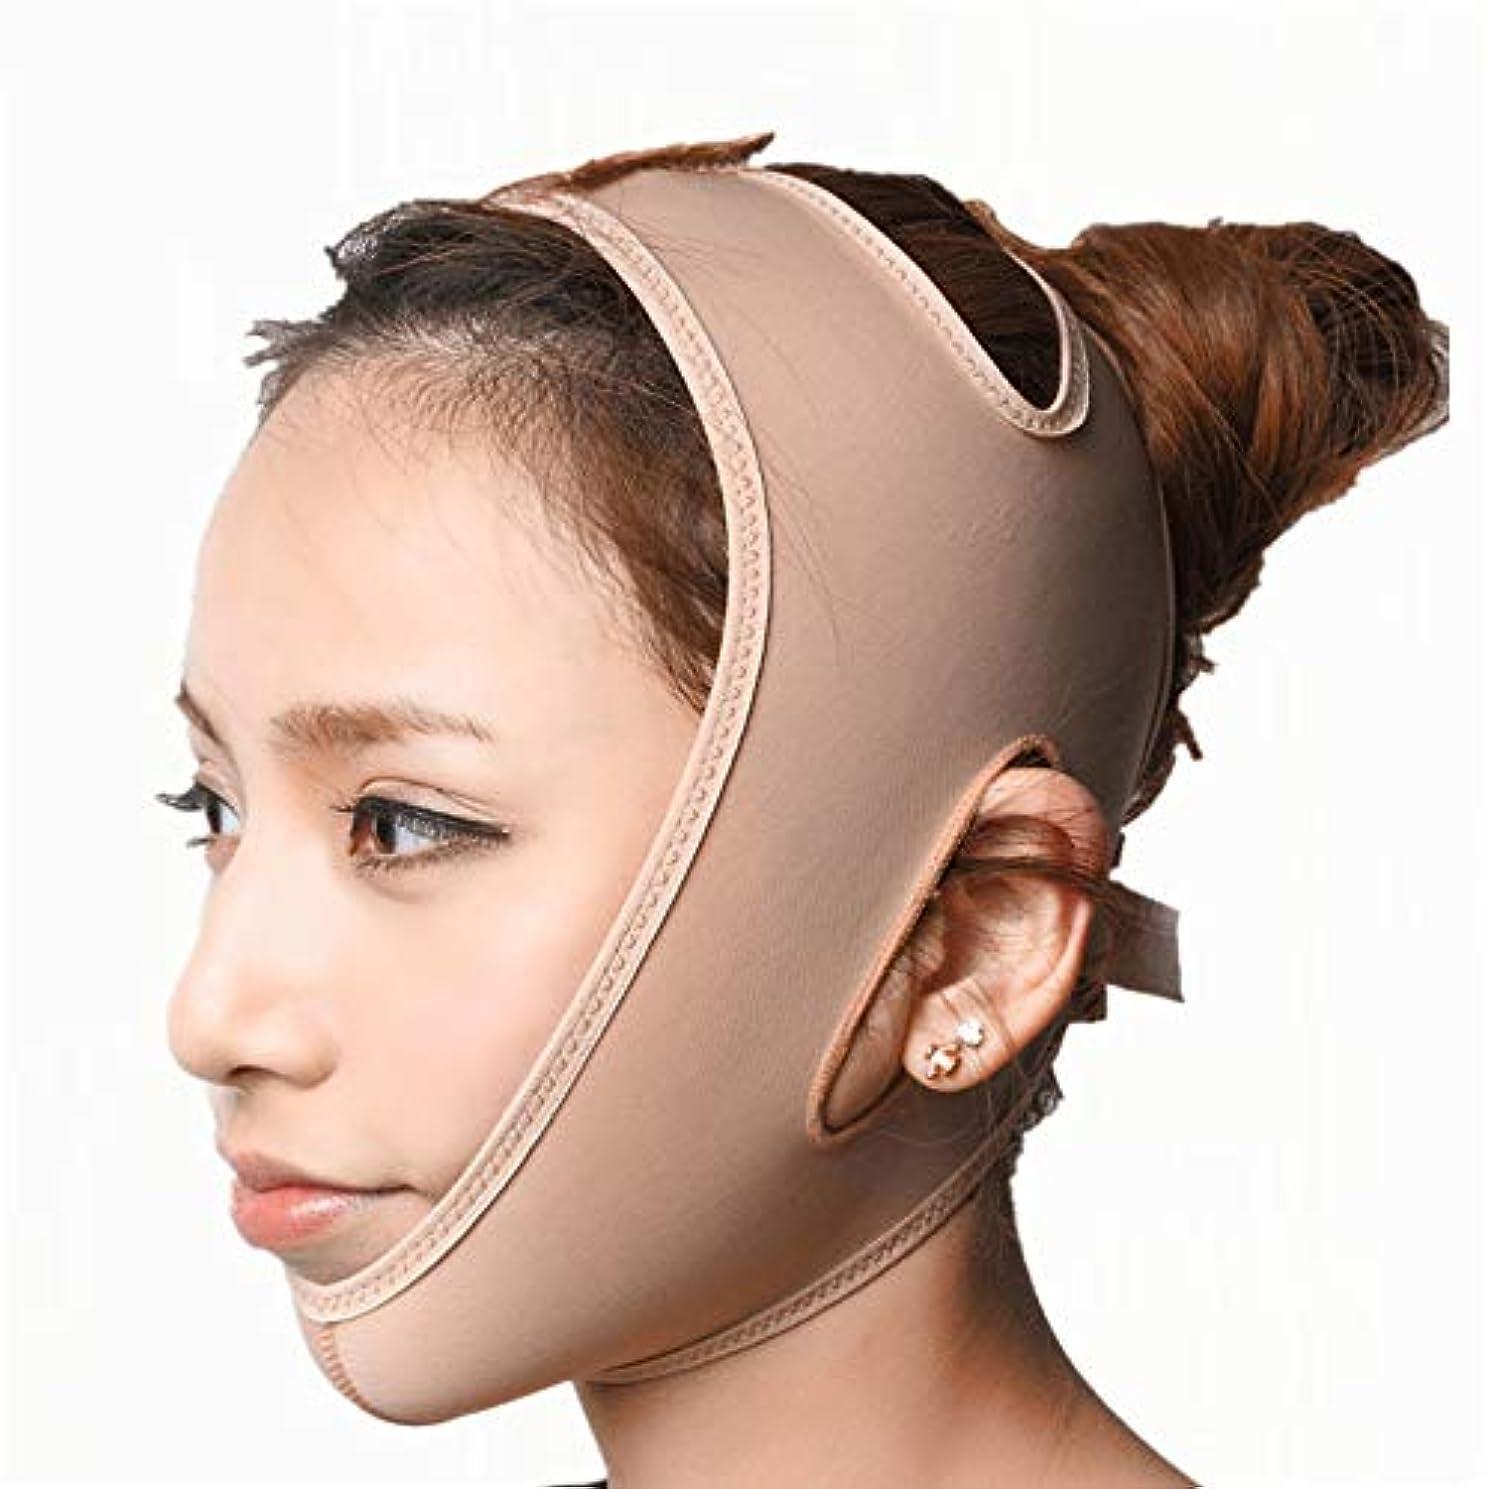 機転ビクター処分したJia Jia- 顔の持ち上がる痩身ベルト - アンチエイジングリンクルフェイスマスクベルトシンフェイス包帯整形マスクは顔と首を締めますフェイススリム 顔面包帯 (サイズ さいず : M)